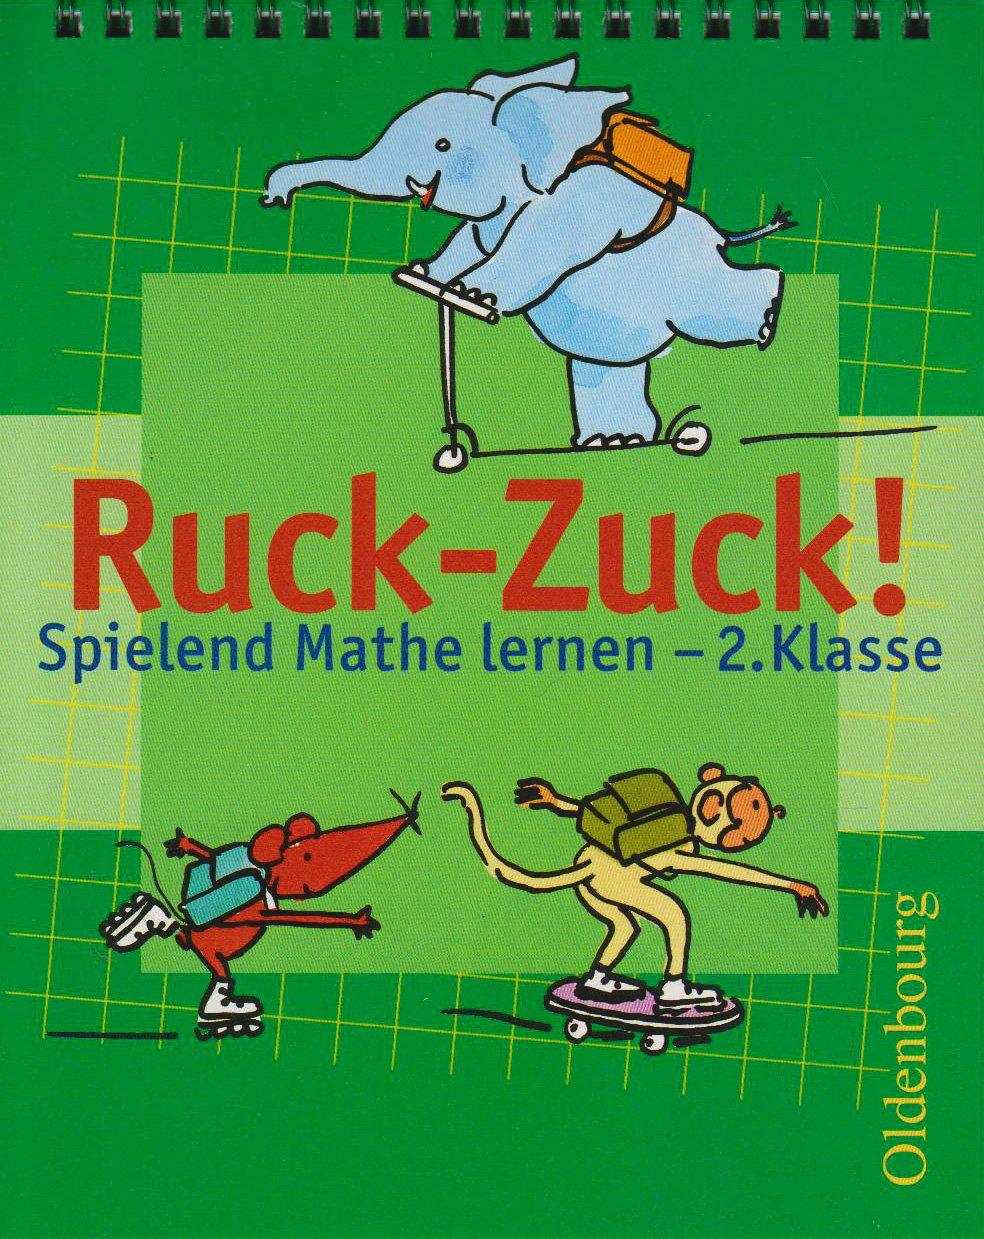 Ruck-Zuck! Spielend Mathe lernen - 2. Klasse